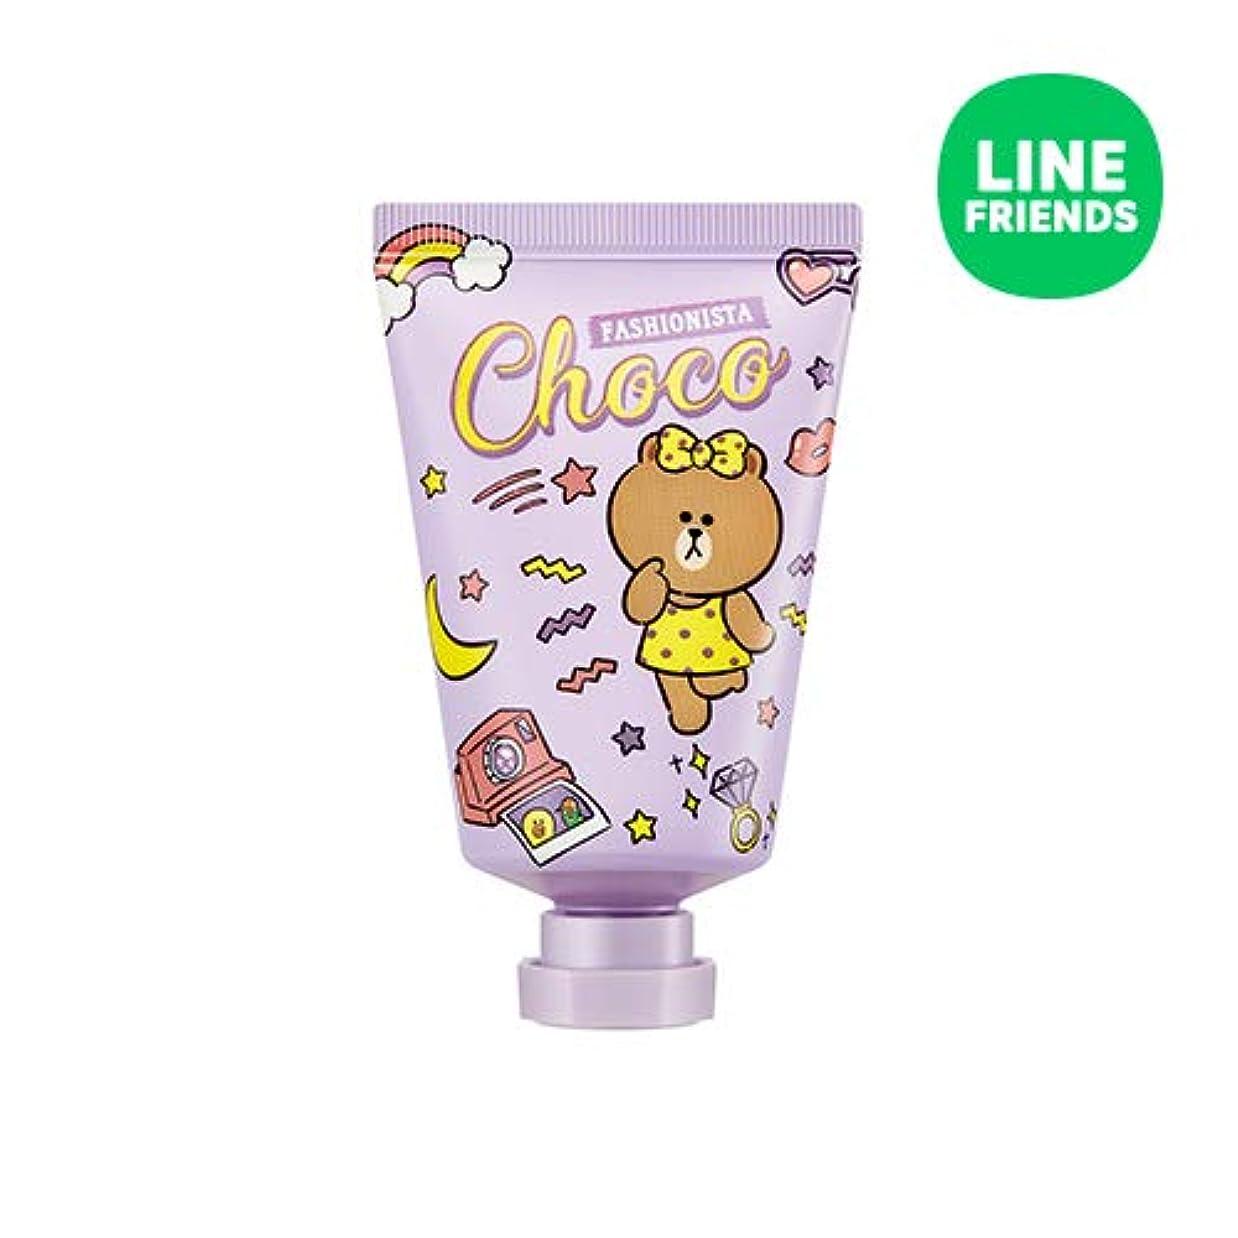 ミシャ(ラインフレンズ)ラブシークレットハンドクリーム 30ml MISSHA [Line Friends Edition] Love Secret Hand Cream - Choco # Pitch Cocktail...